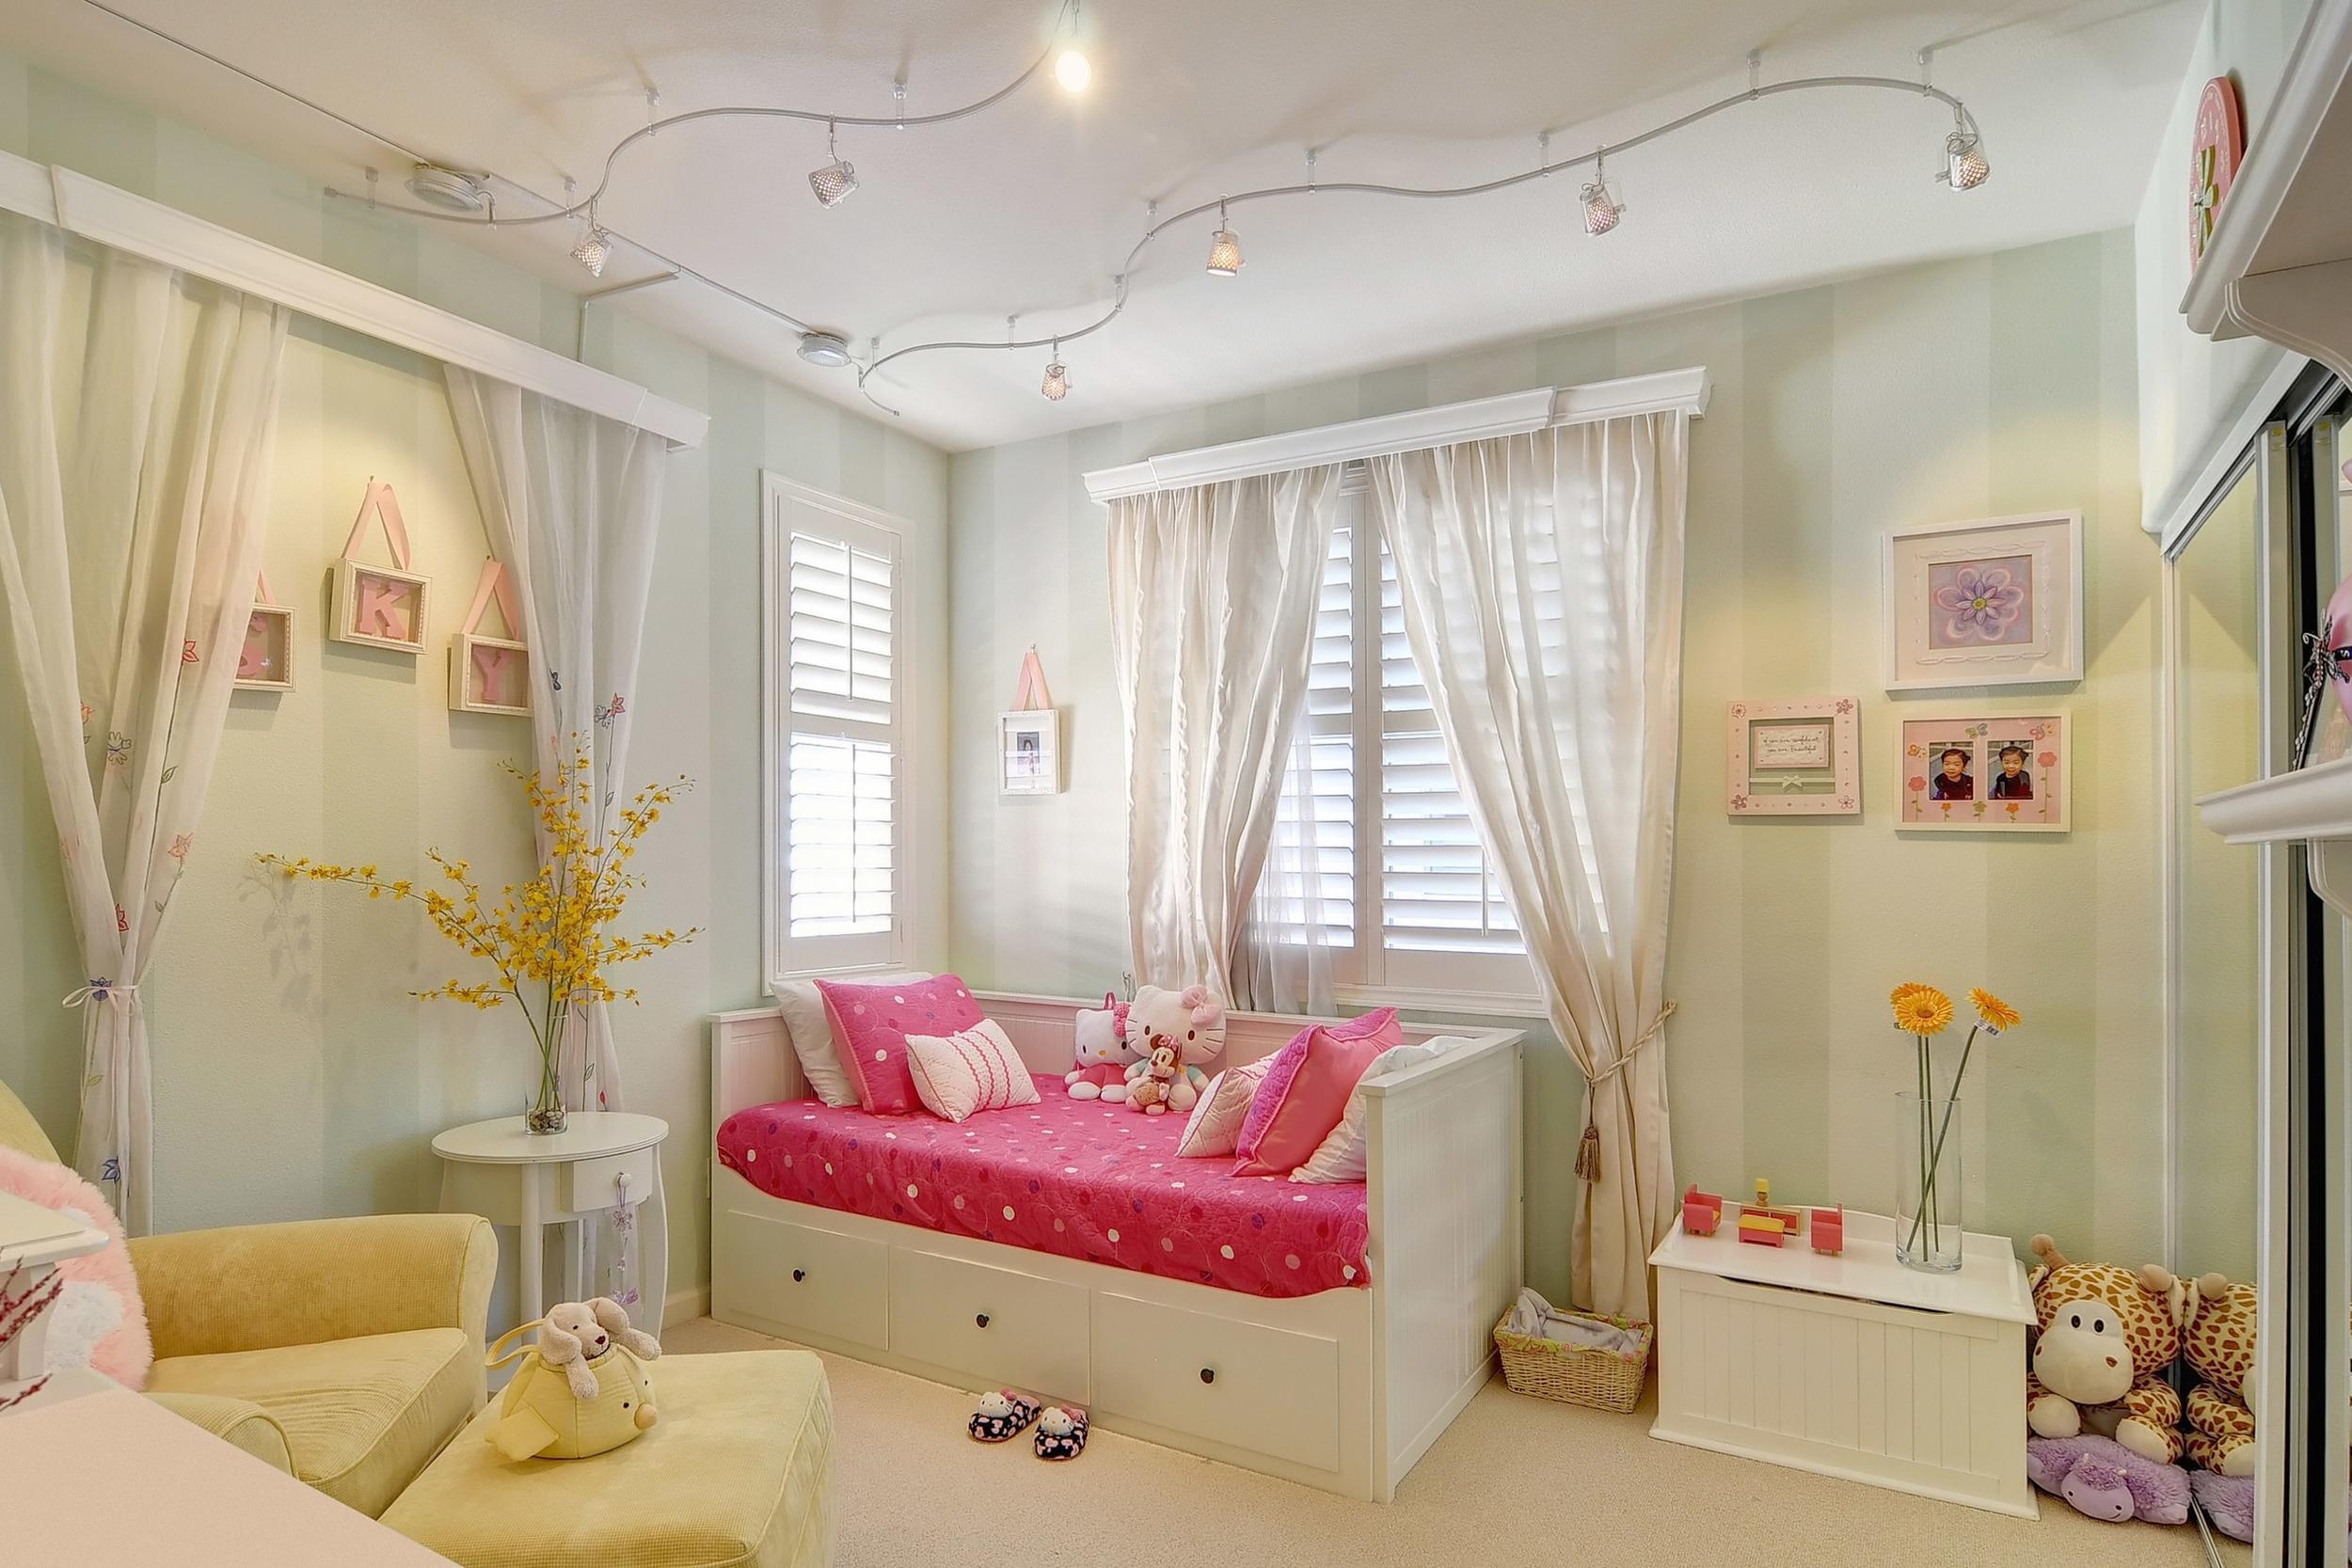 GirlsBedroom-2311531327-O.jpg